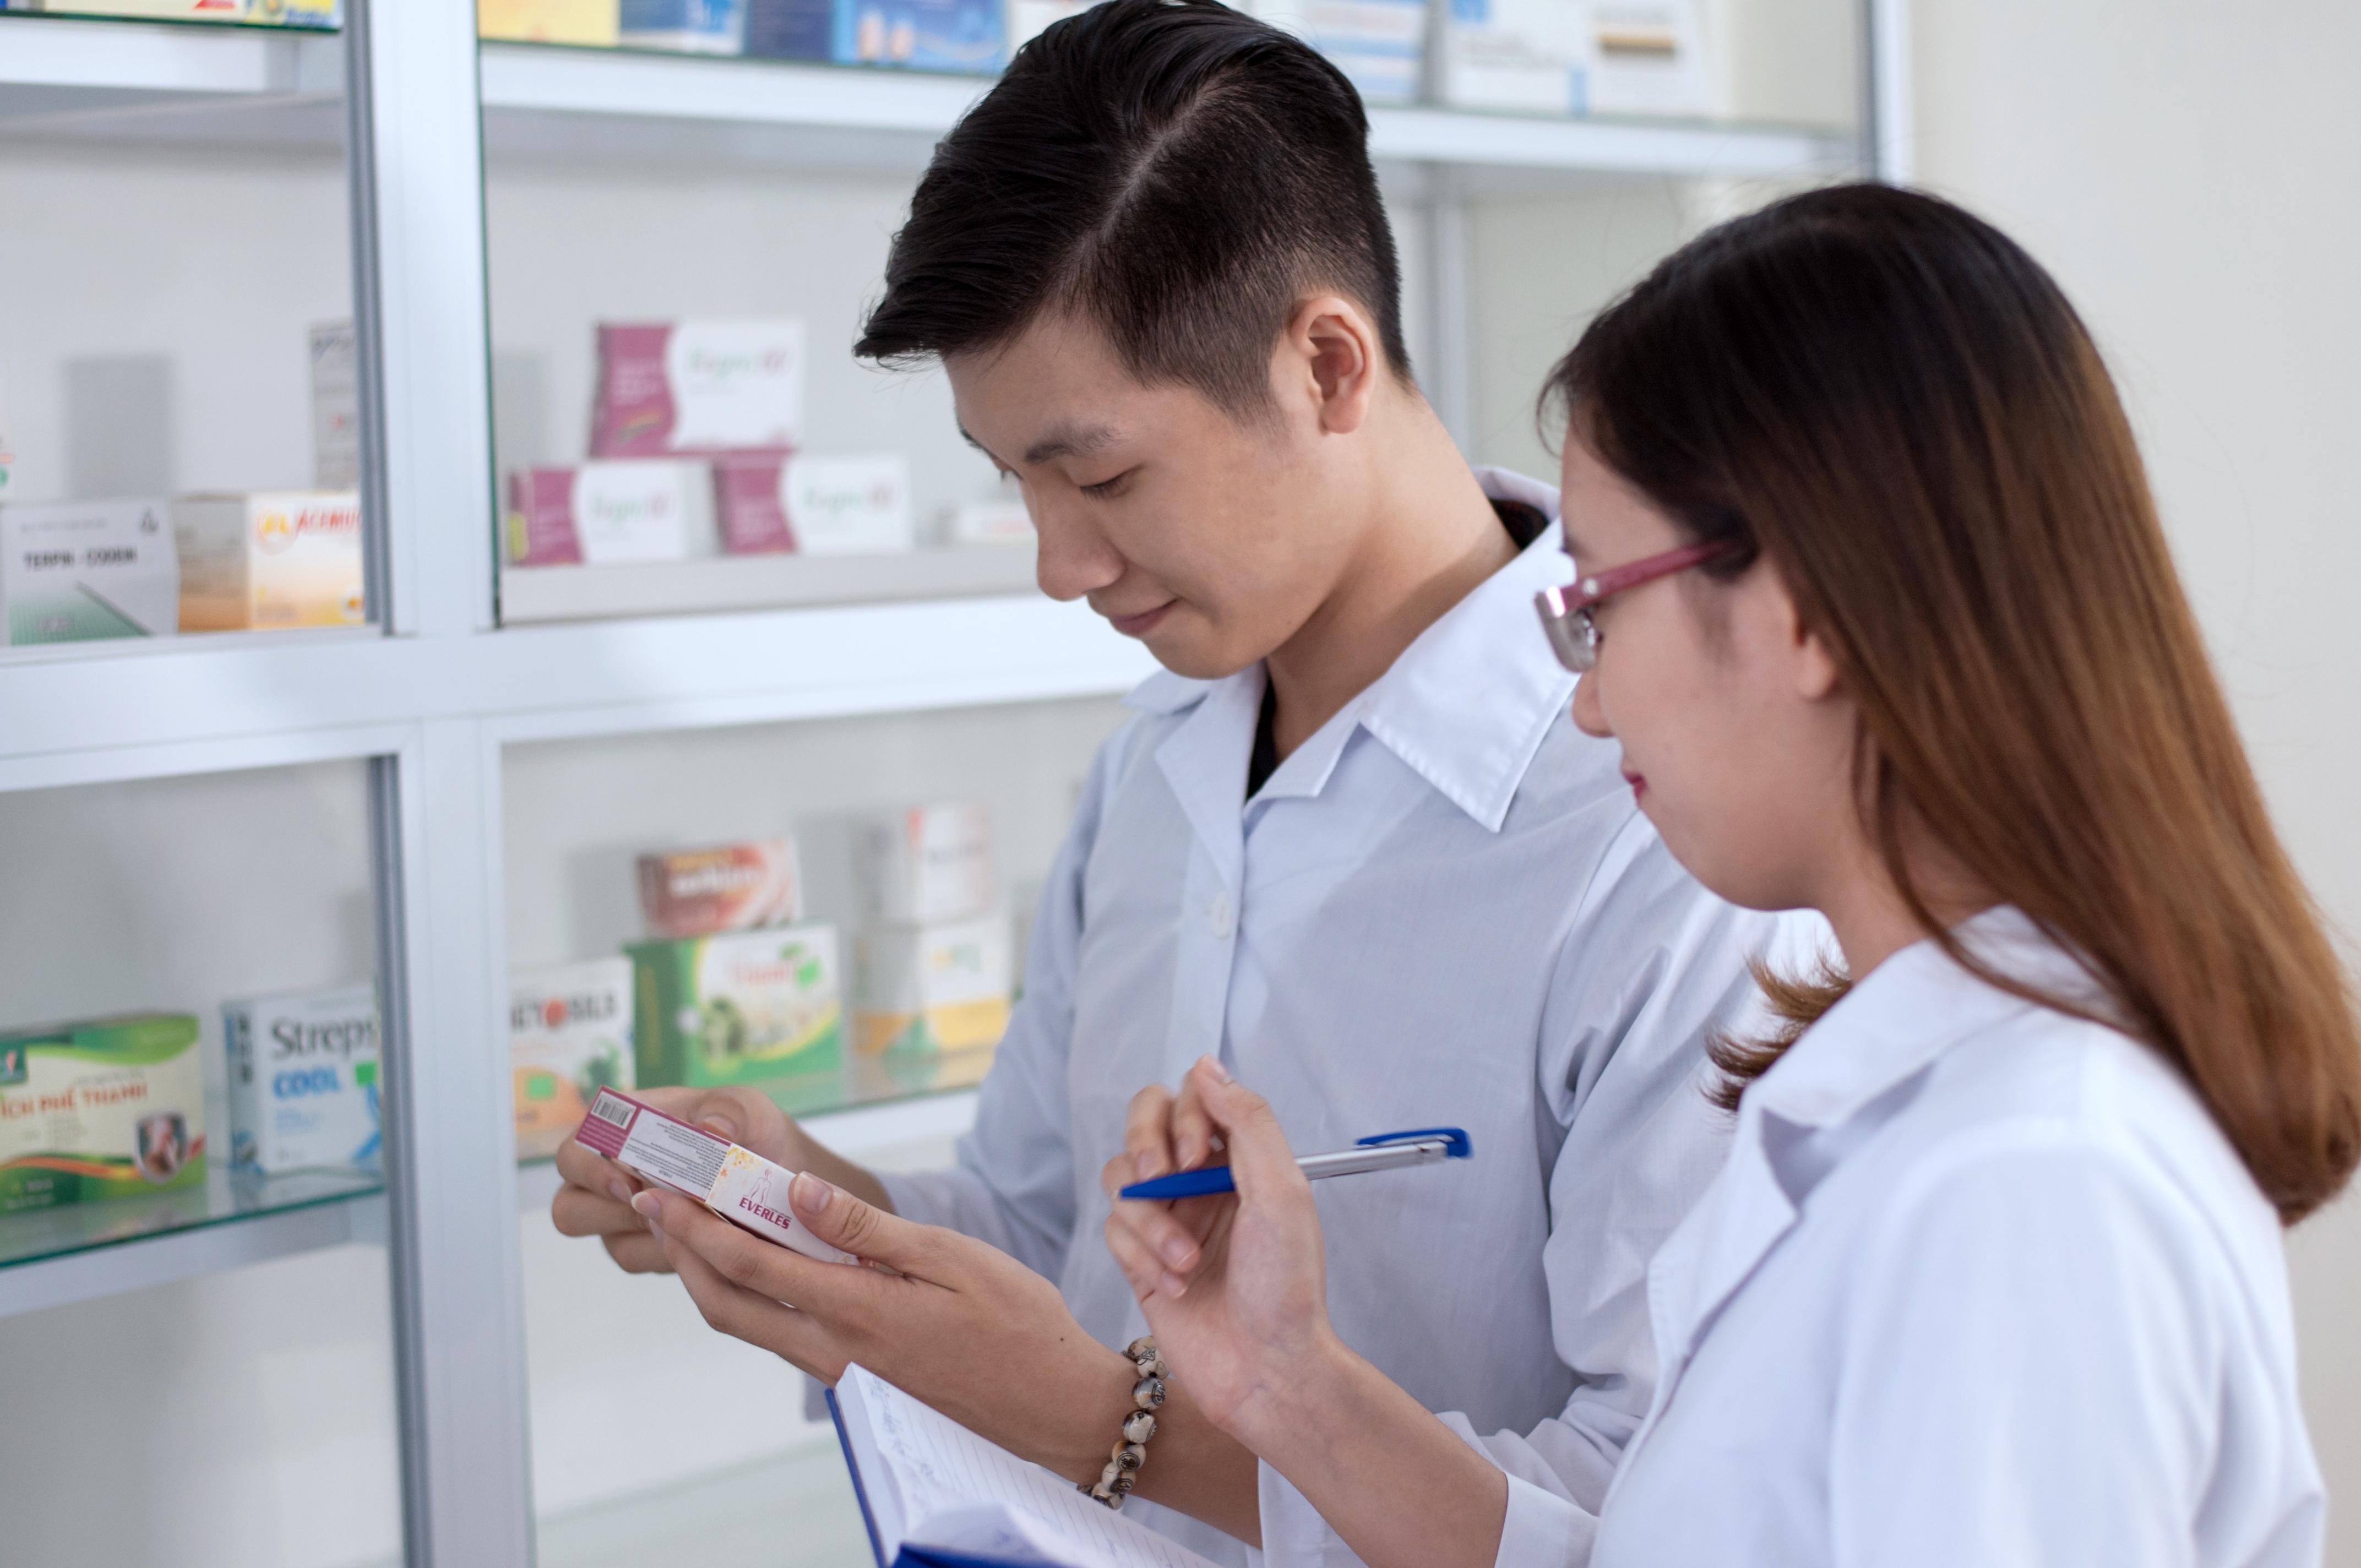 Dược sĩ Cao đẳng thực hành tại cơ sở Dược hợp pháp